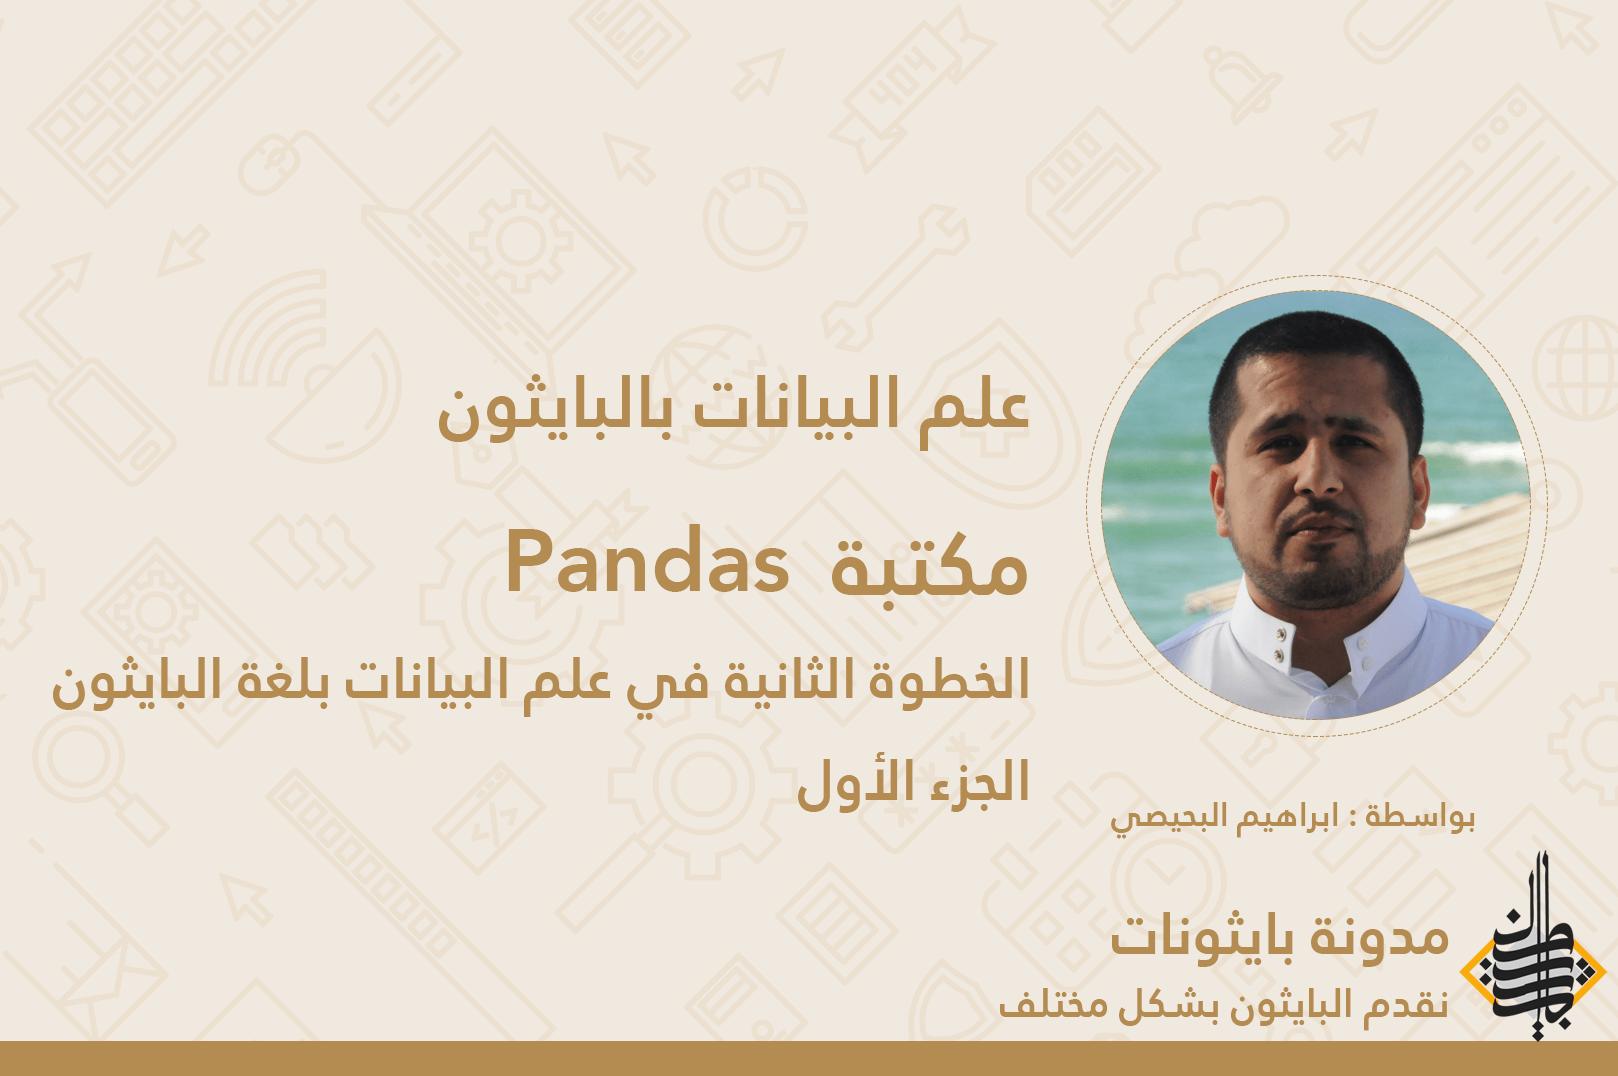 مكتبة Pandas – الخطوة الثانية في علم البيانات بلغة البايثون - الجزء الأول